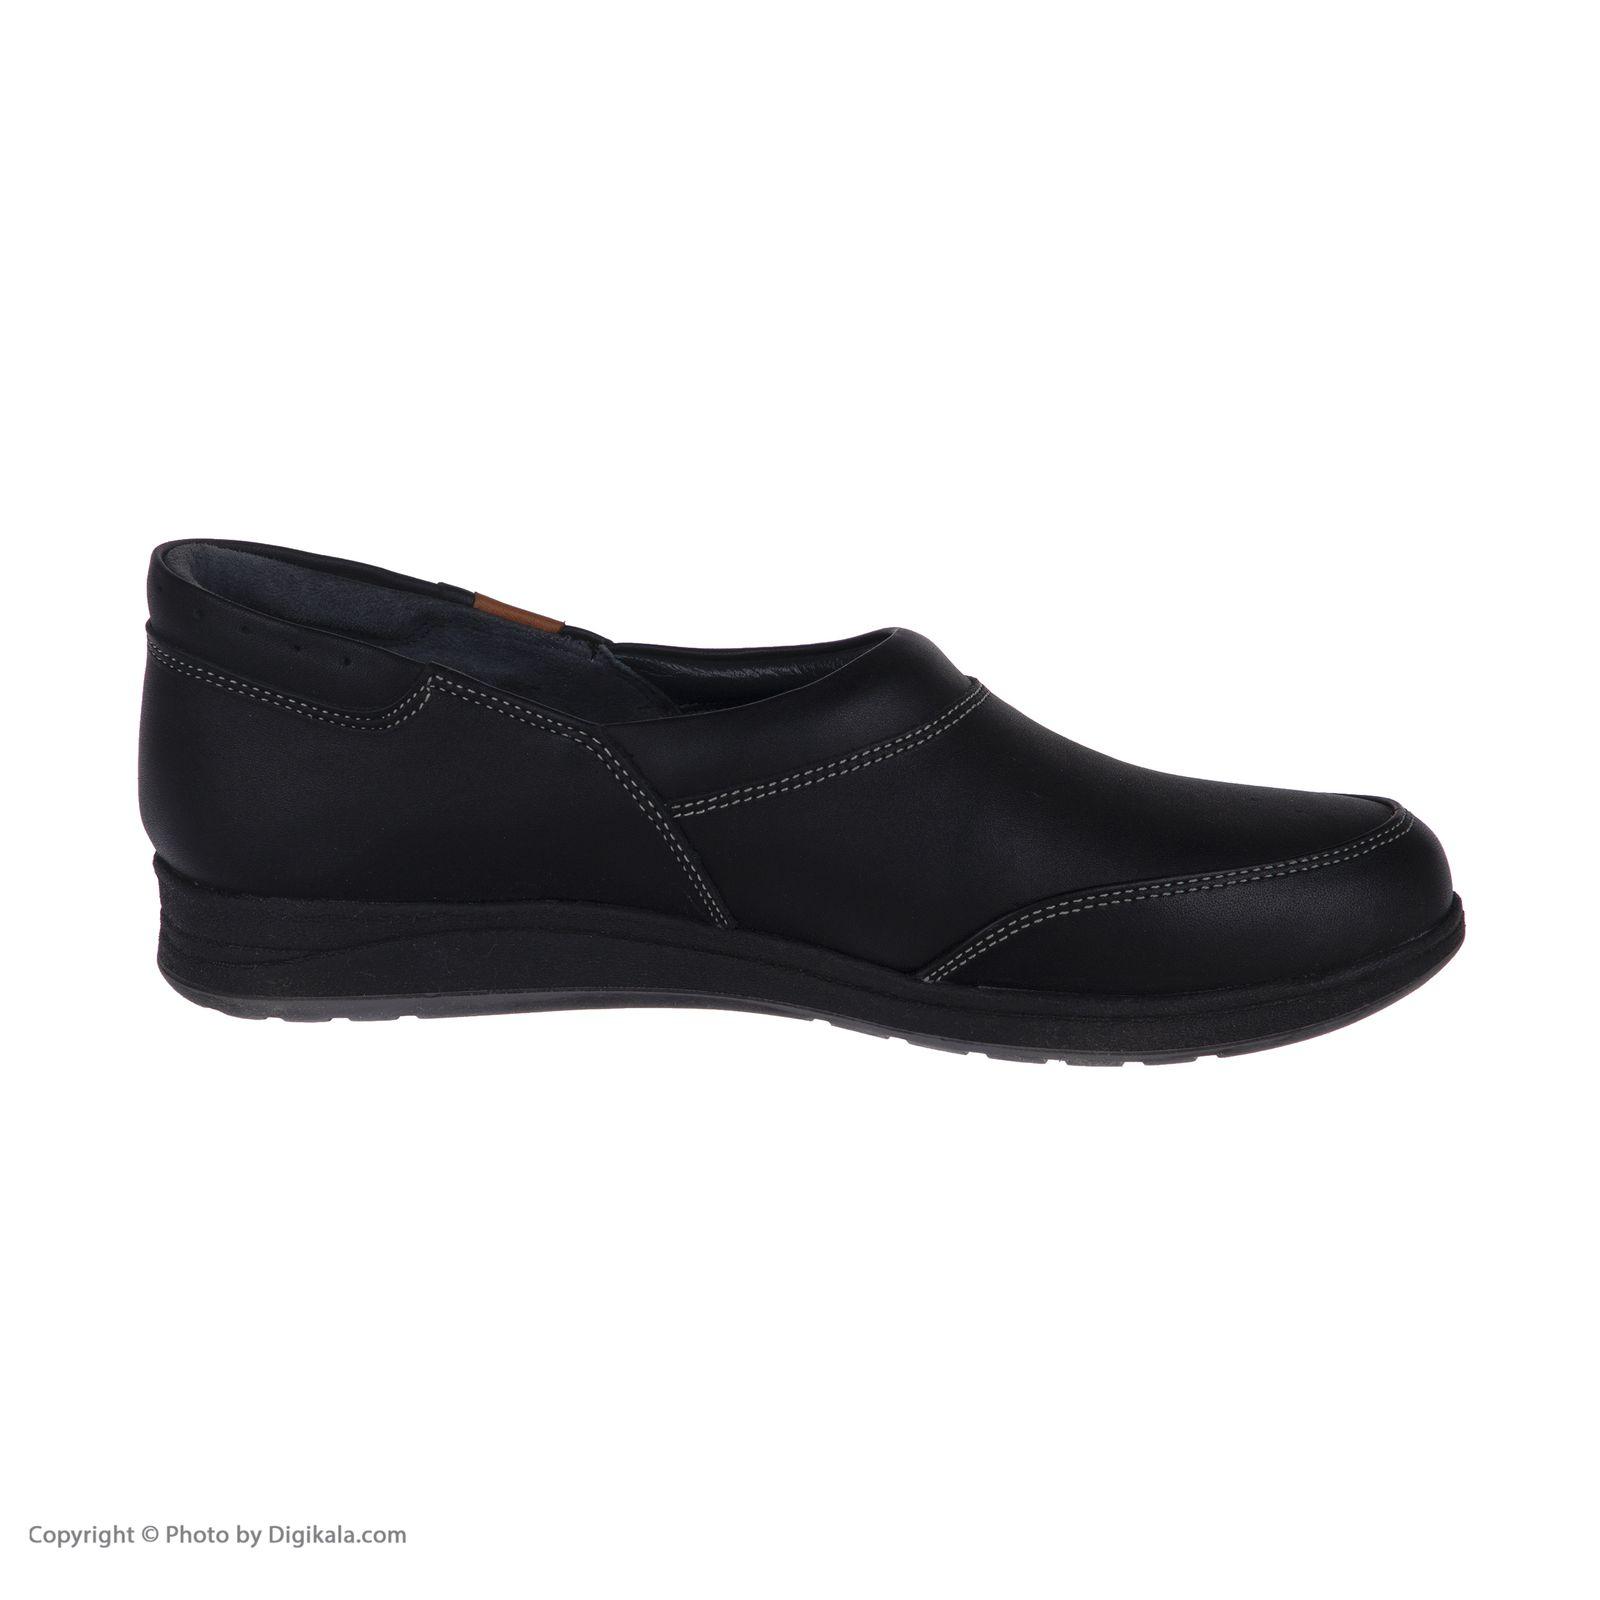 کفش روزمره زنانه سوته مدل 2959B500101 -  - 6